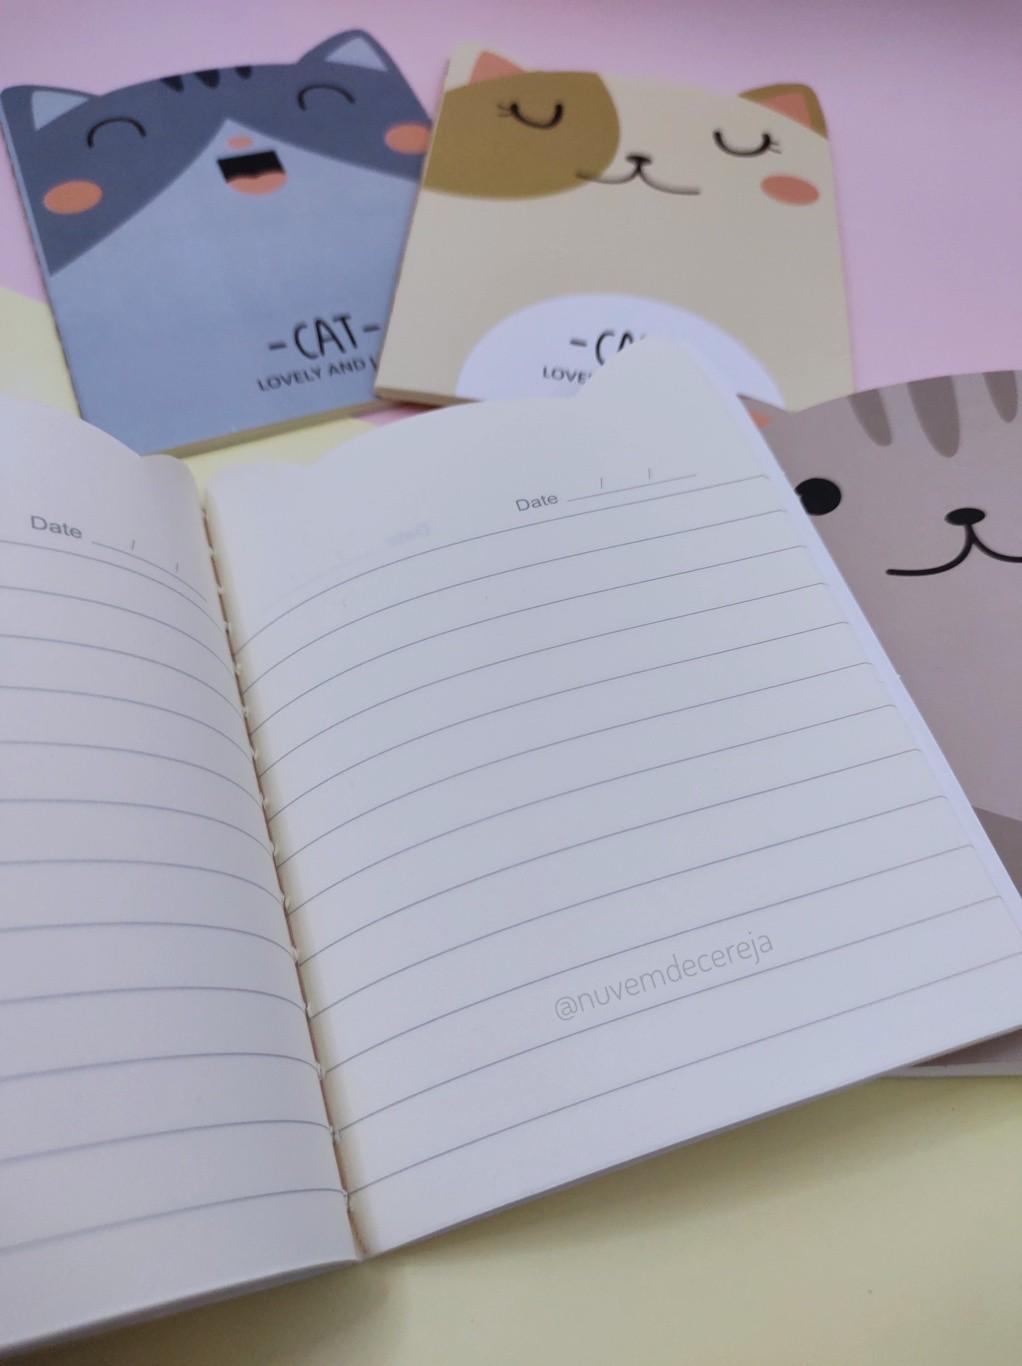 Caderno Gato  - Nuvem de Cereja